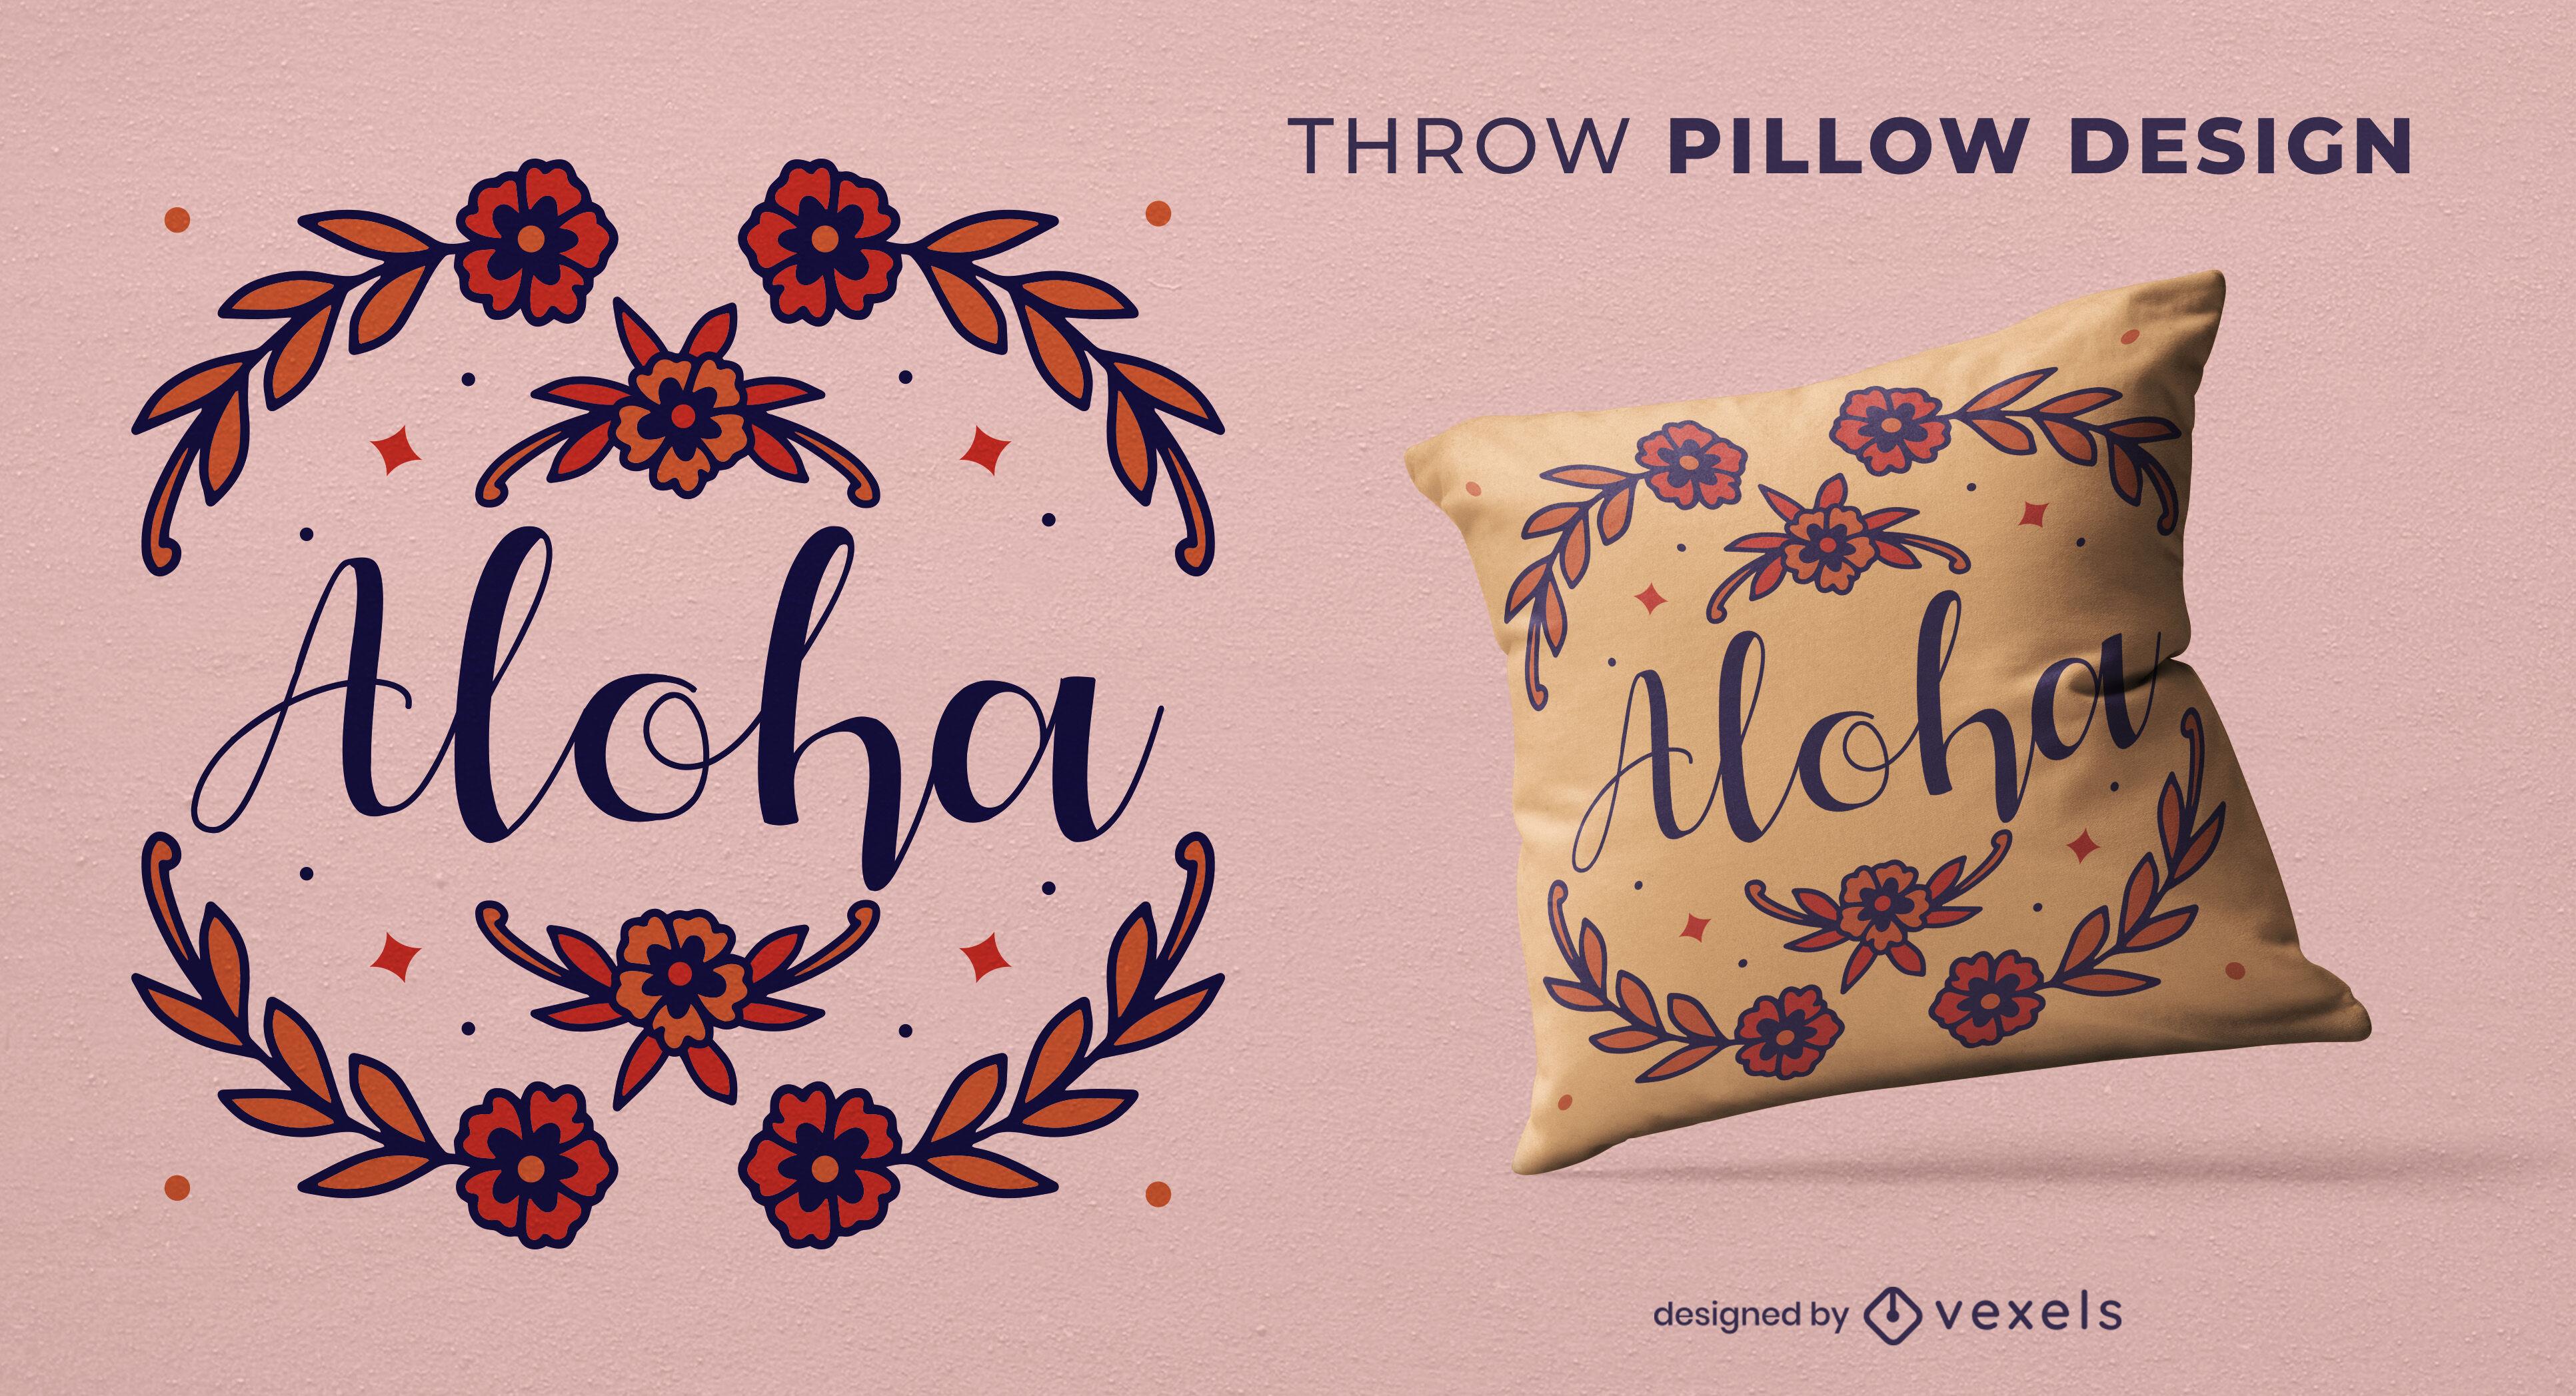 Dise?o de almohada floral con cita de aloha